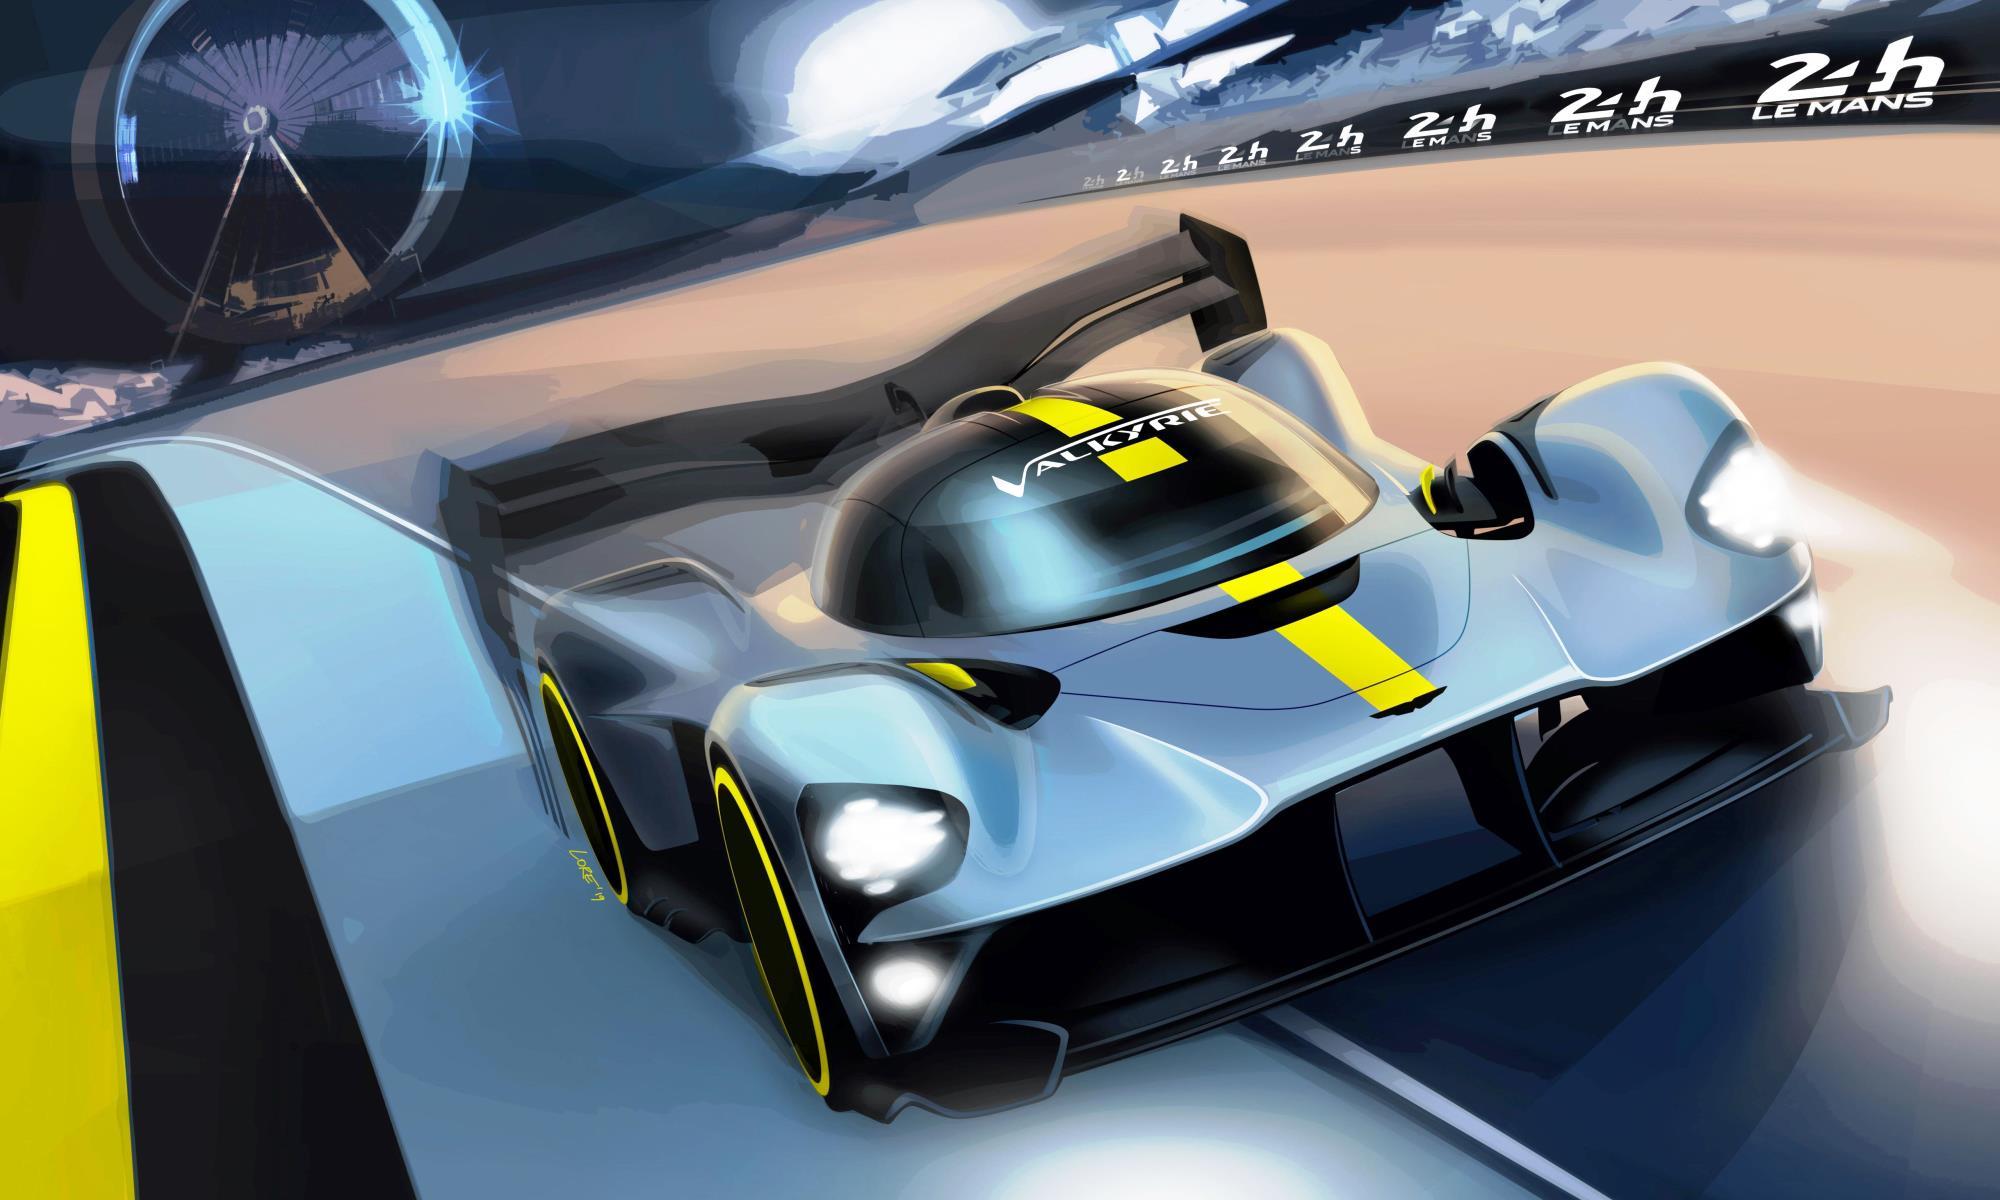 Aston Martin Valkyrie Le Mans hyper car rules